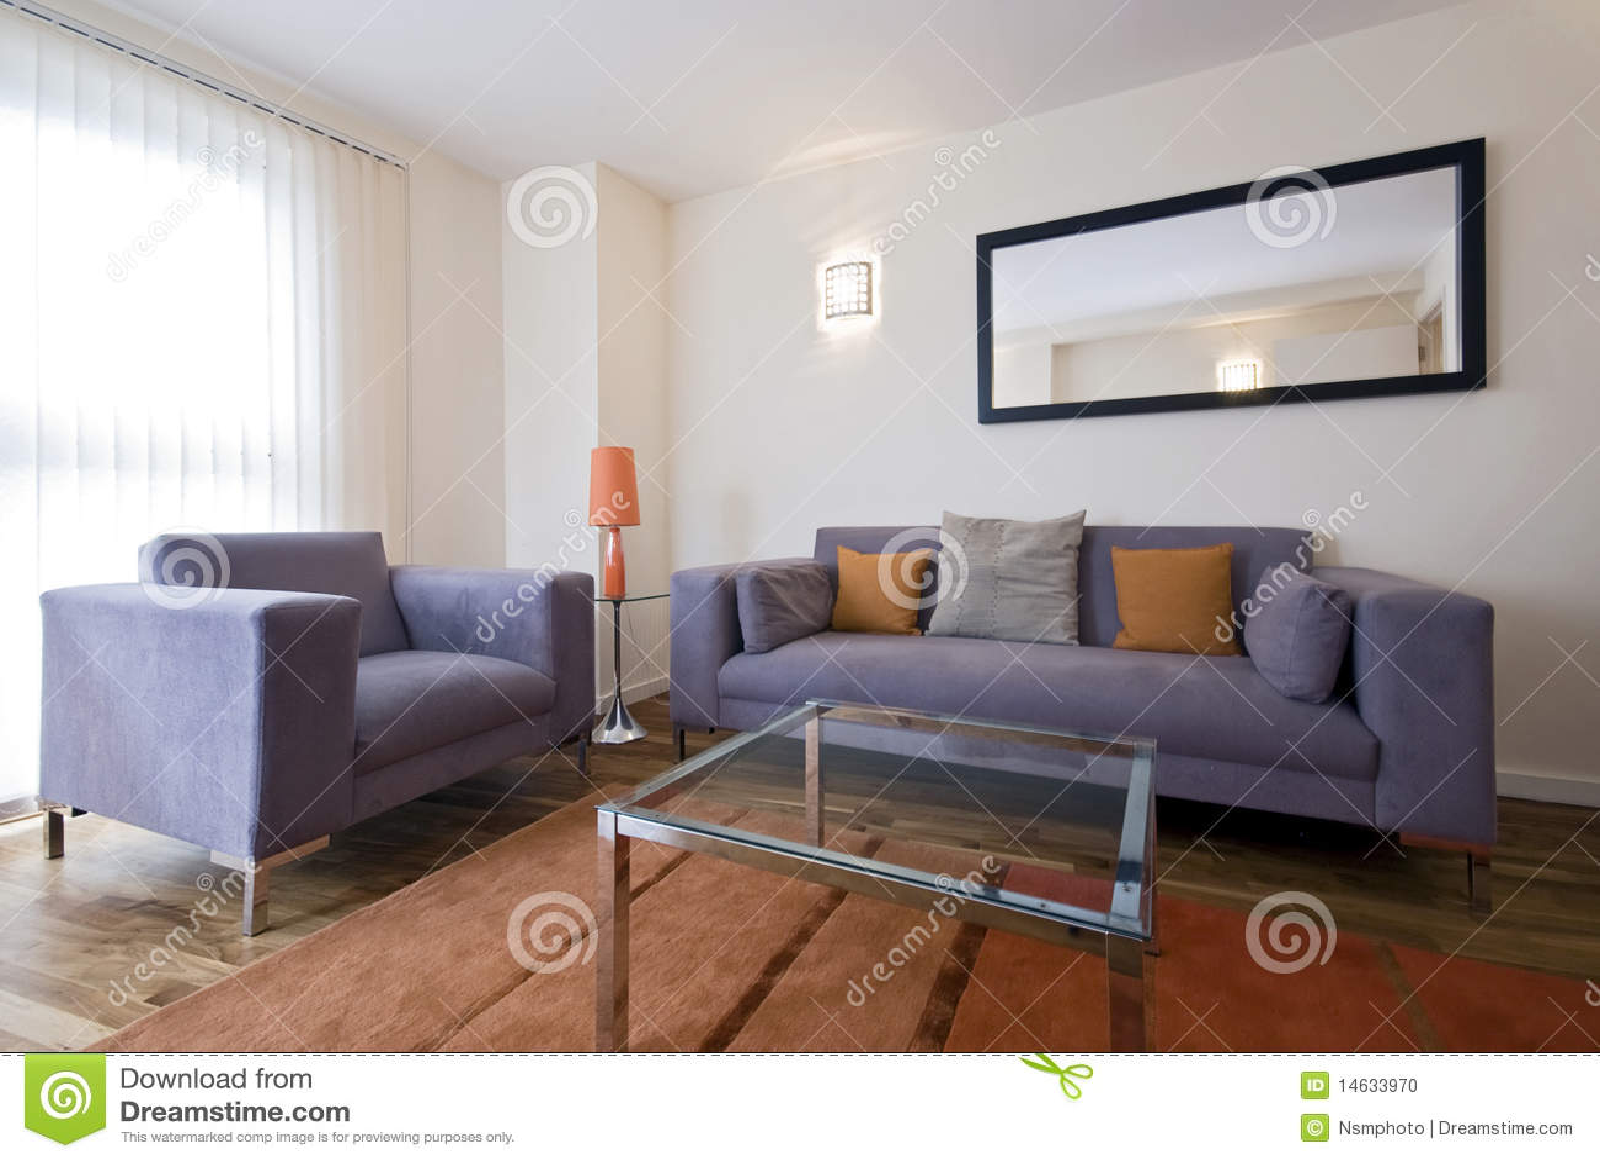 modernes wohnzimmer mit grauem sofa stockfoto bild von lampe schwarzes 14633970. Black Bedroom Furniture Sets. Home Design Ideas